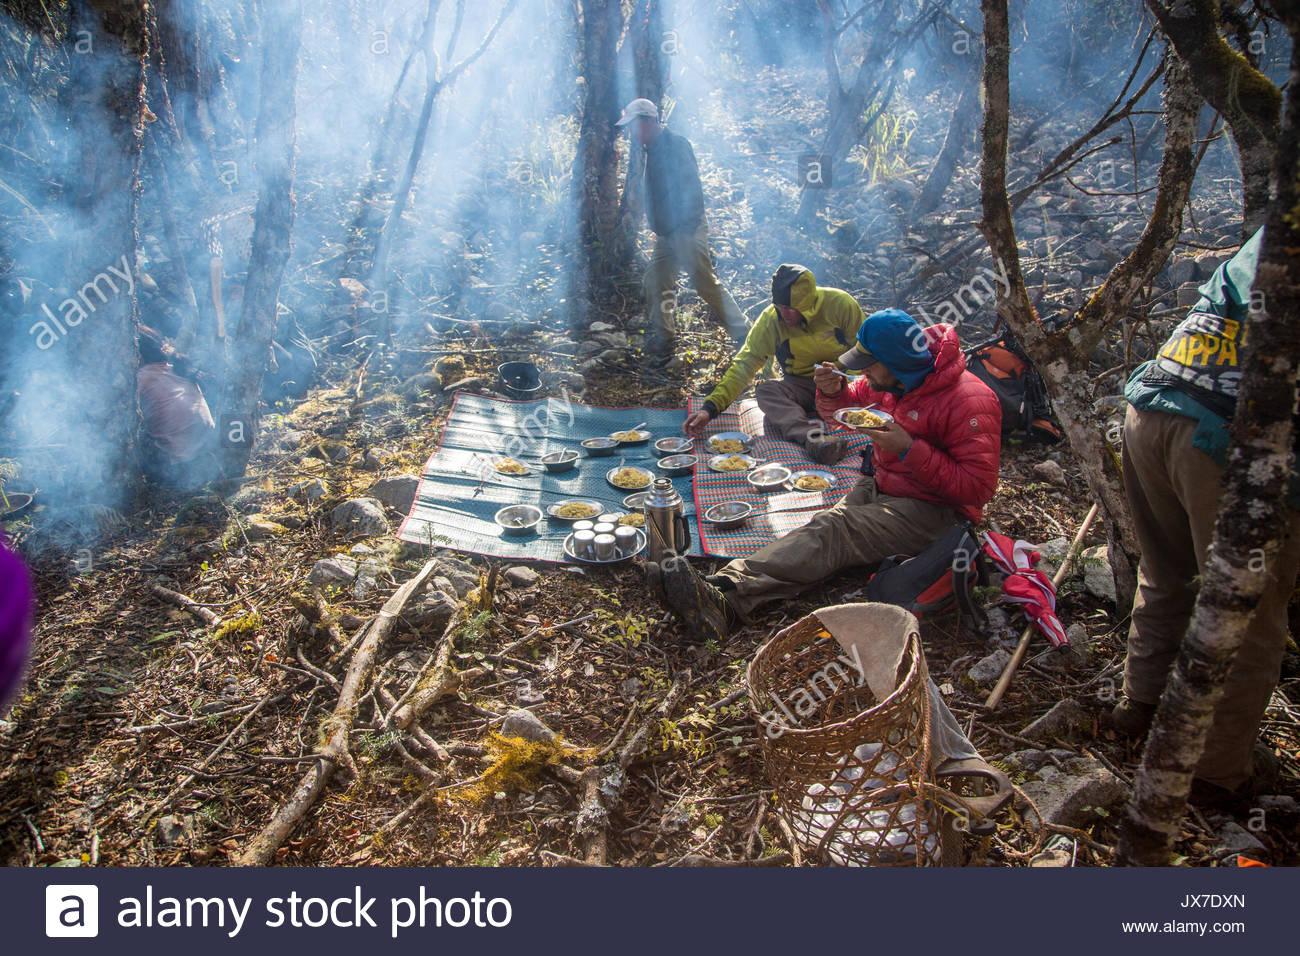 Deux membres de l'expédition manger un repas tandis que d'autres eux-mêmes occupés autour du camping. Photo Stock